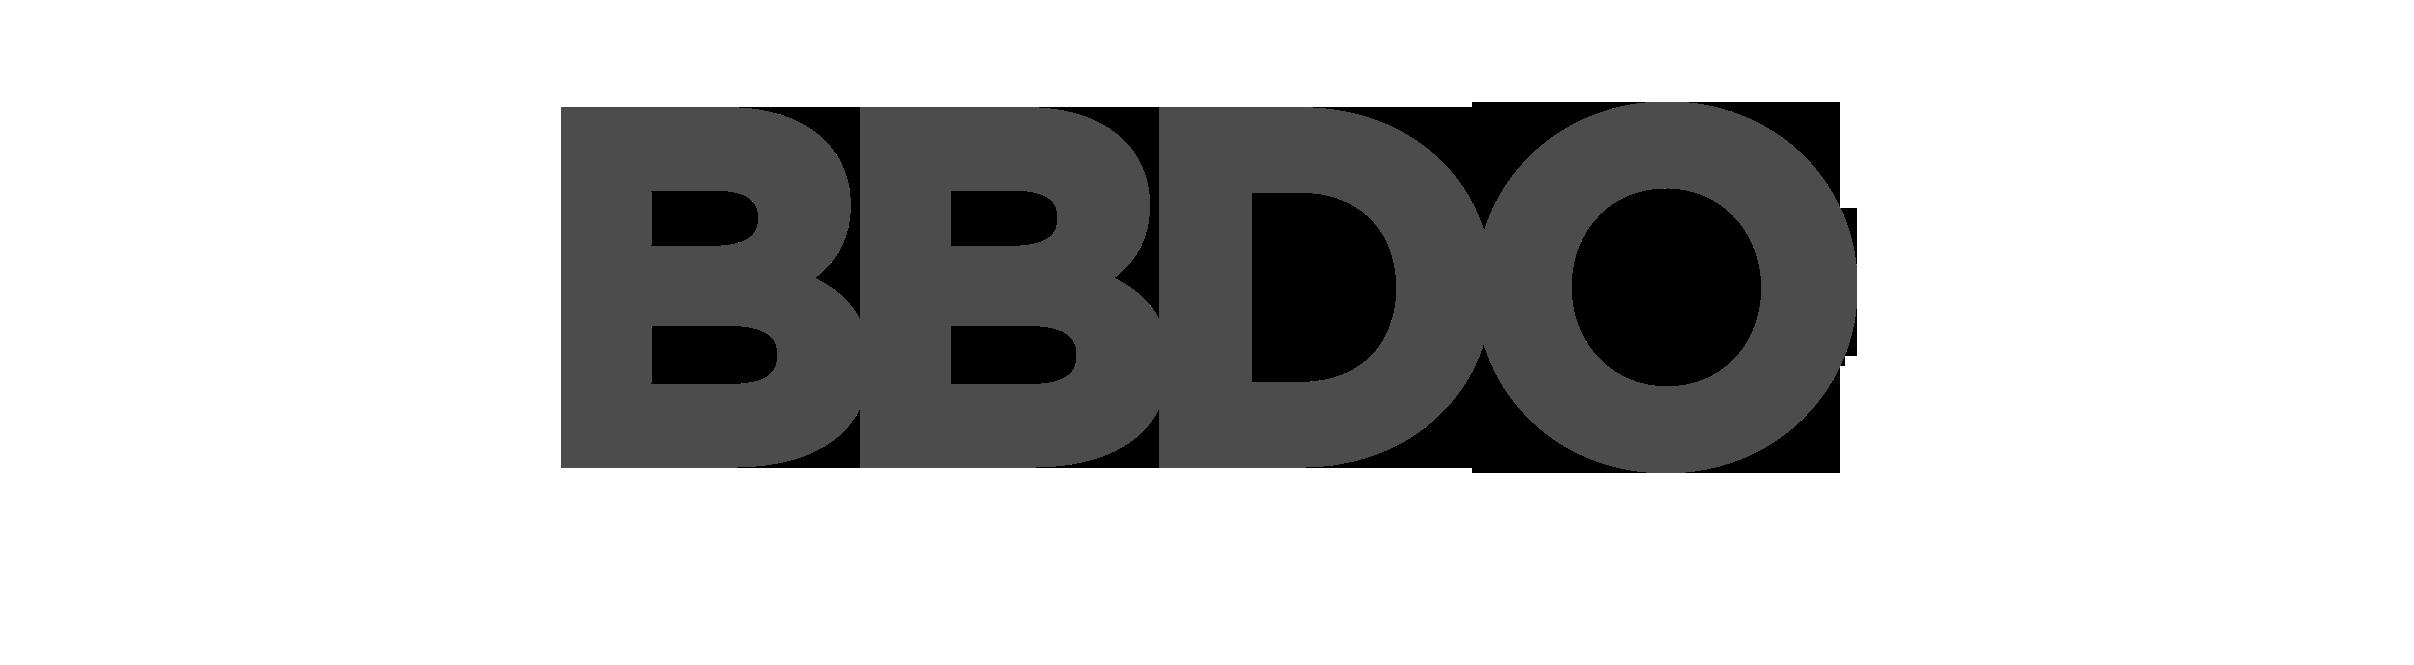 Logos Agencies 2019_09_08 beschnitten BBDO 2414.png